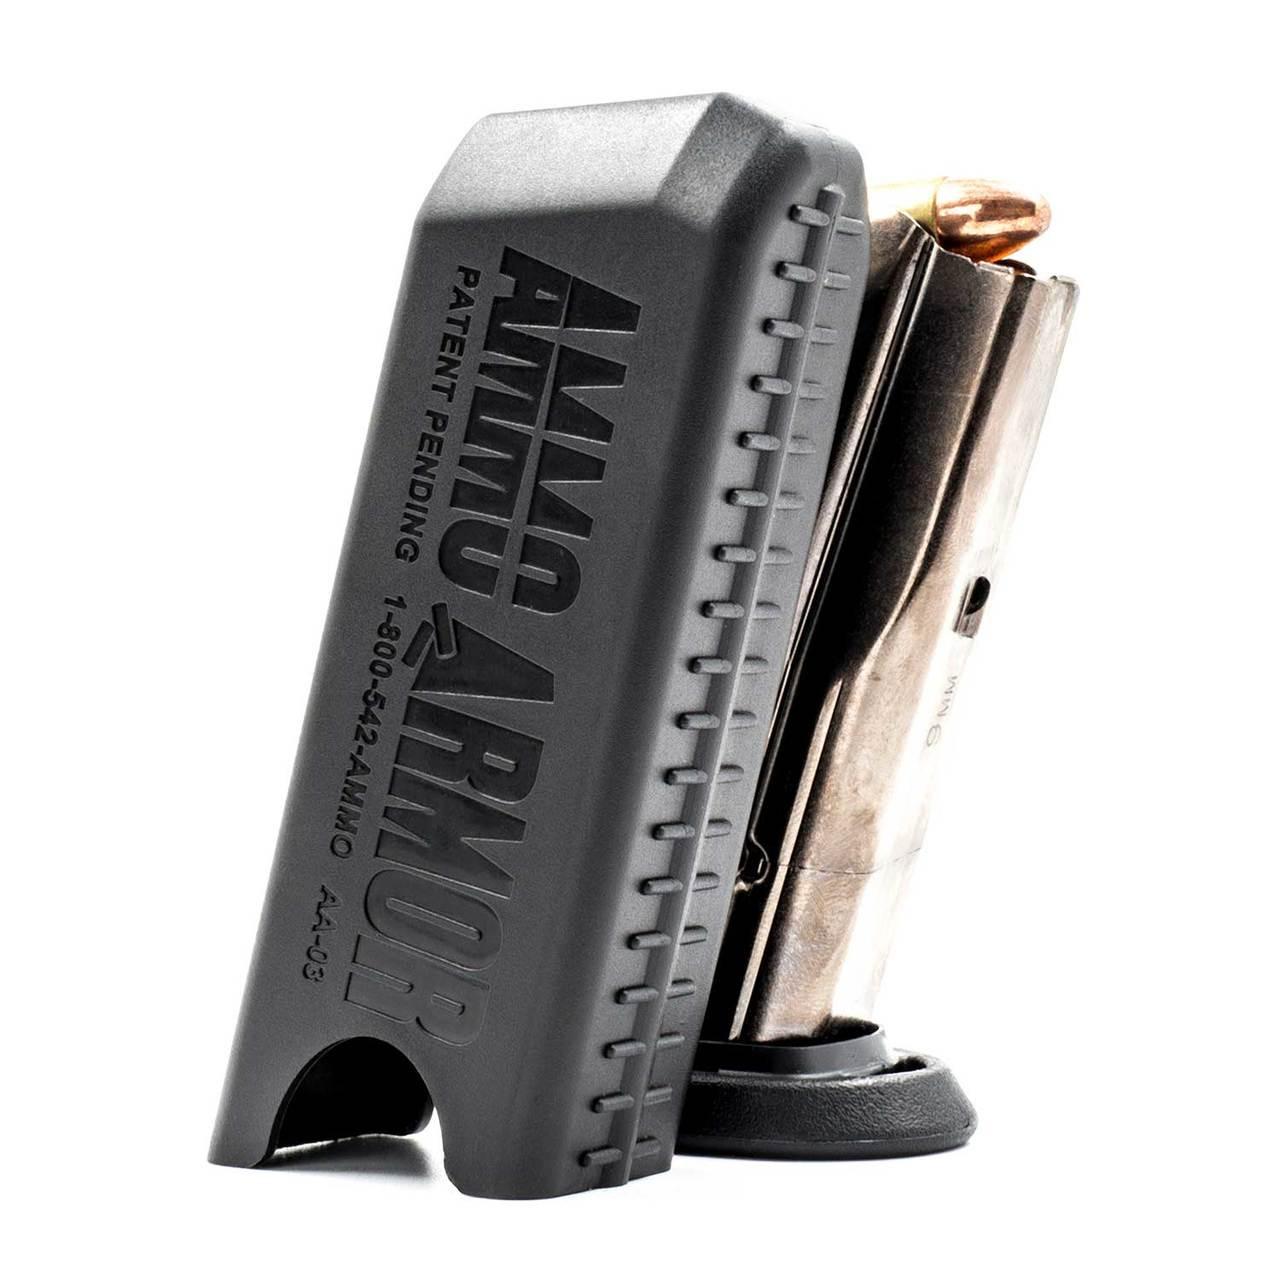 AA-03: Ammo Armor